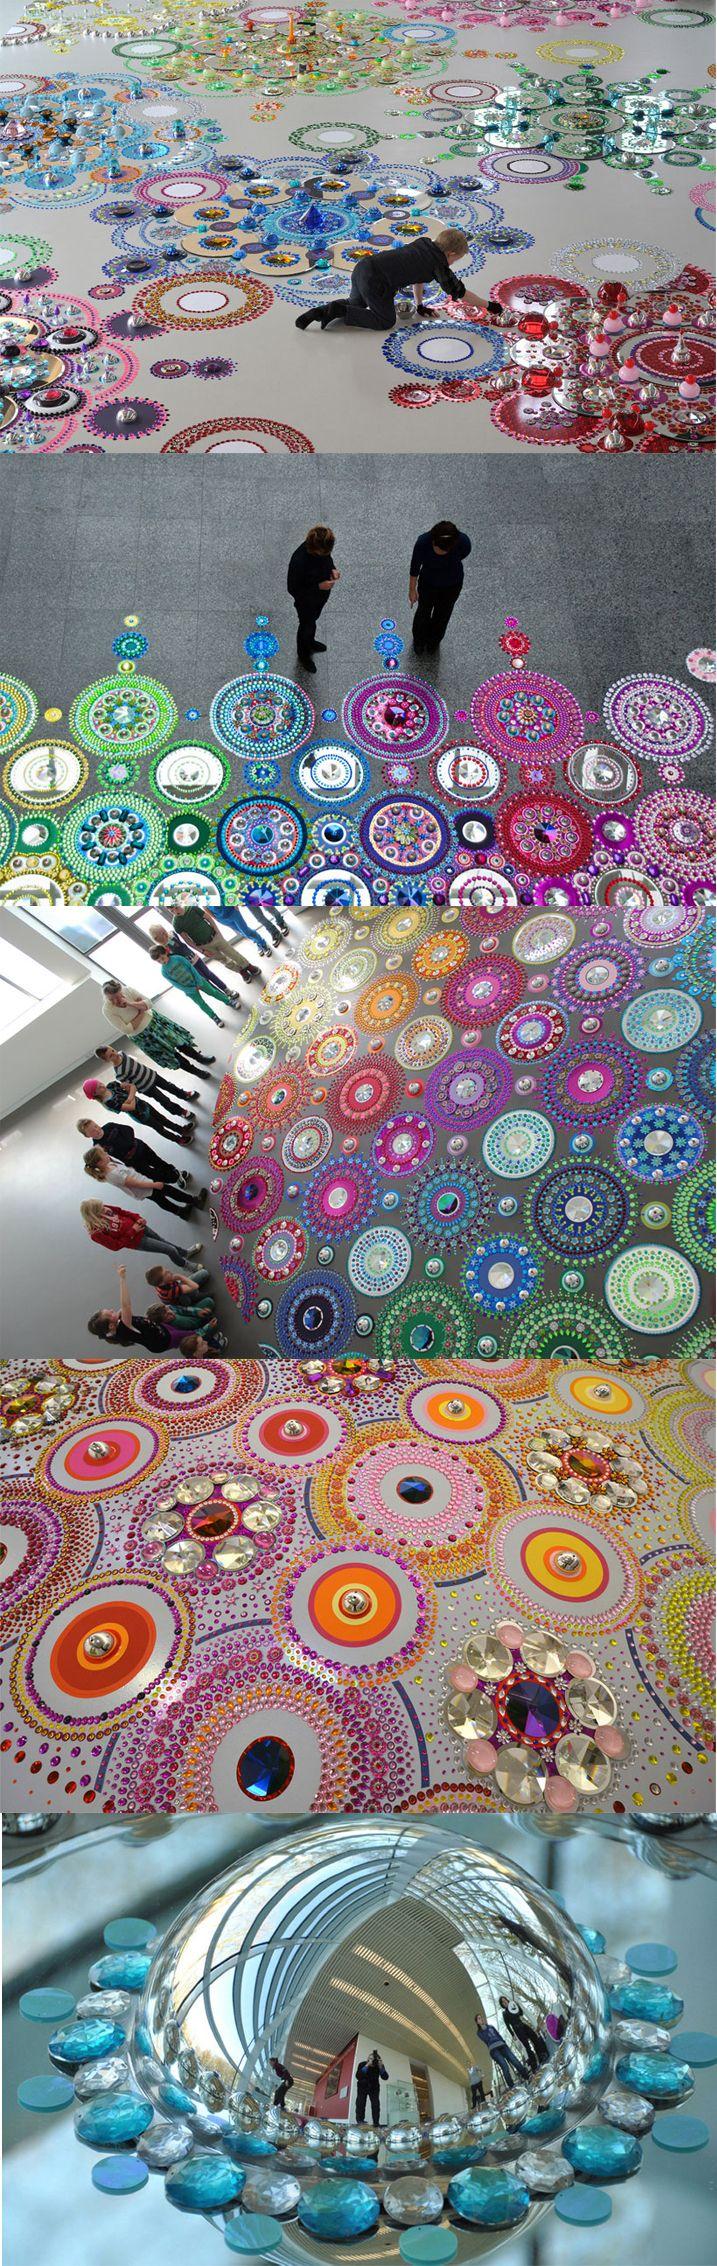 Instalaciones de piso calidoscópicas de Cristal - suzan drummen